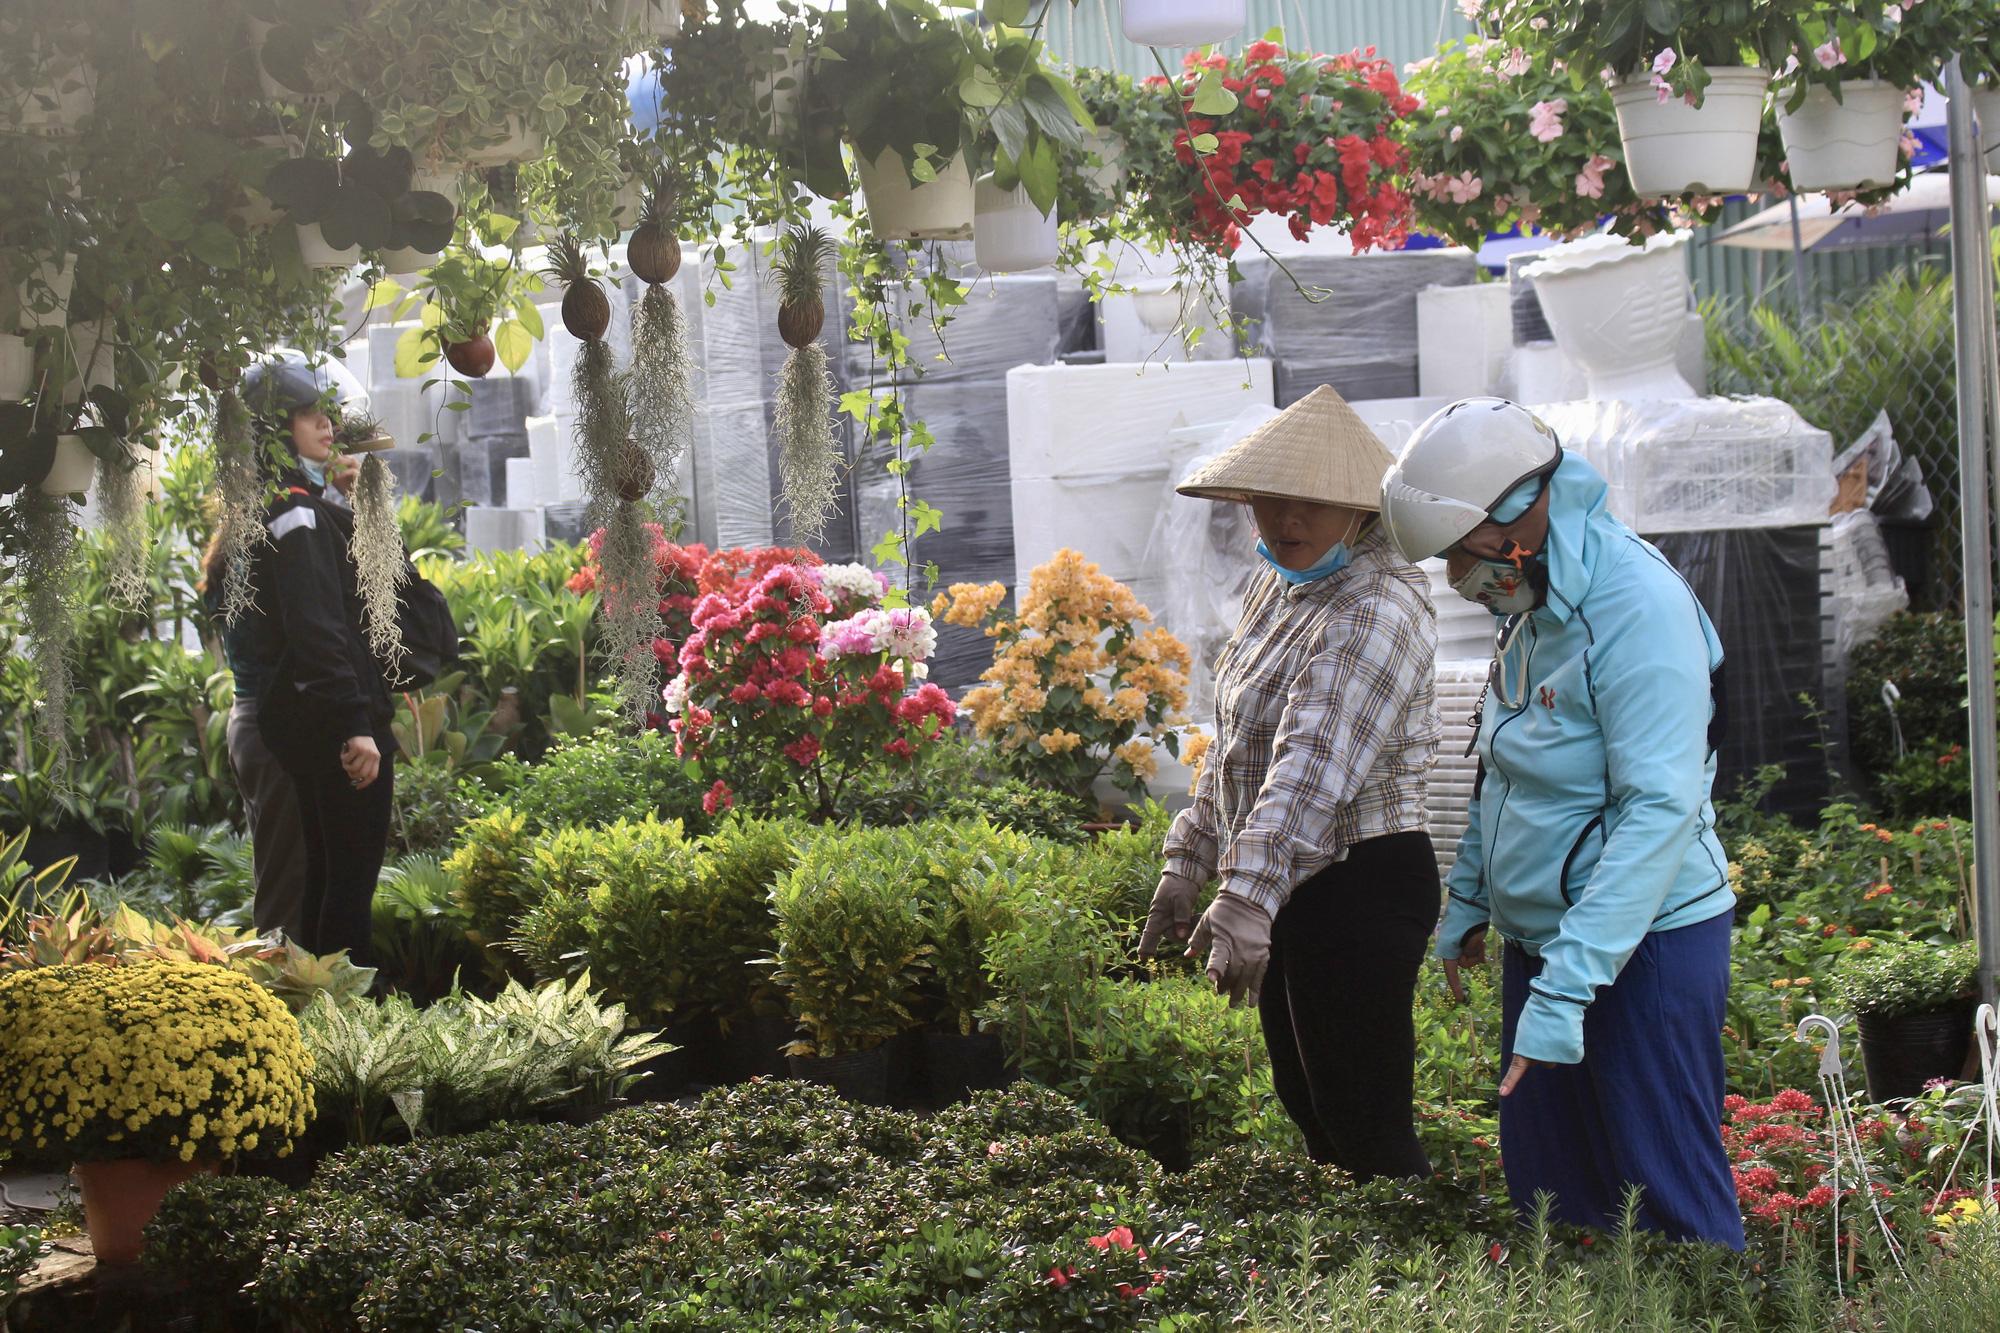 Hoa kiểng Tết đã bán tại Sài Gòn, tranh thủ giá rẻ, nhiều người đi mua sớm - Ảnh 2.